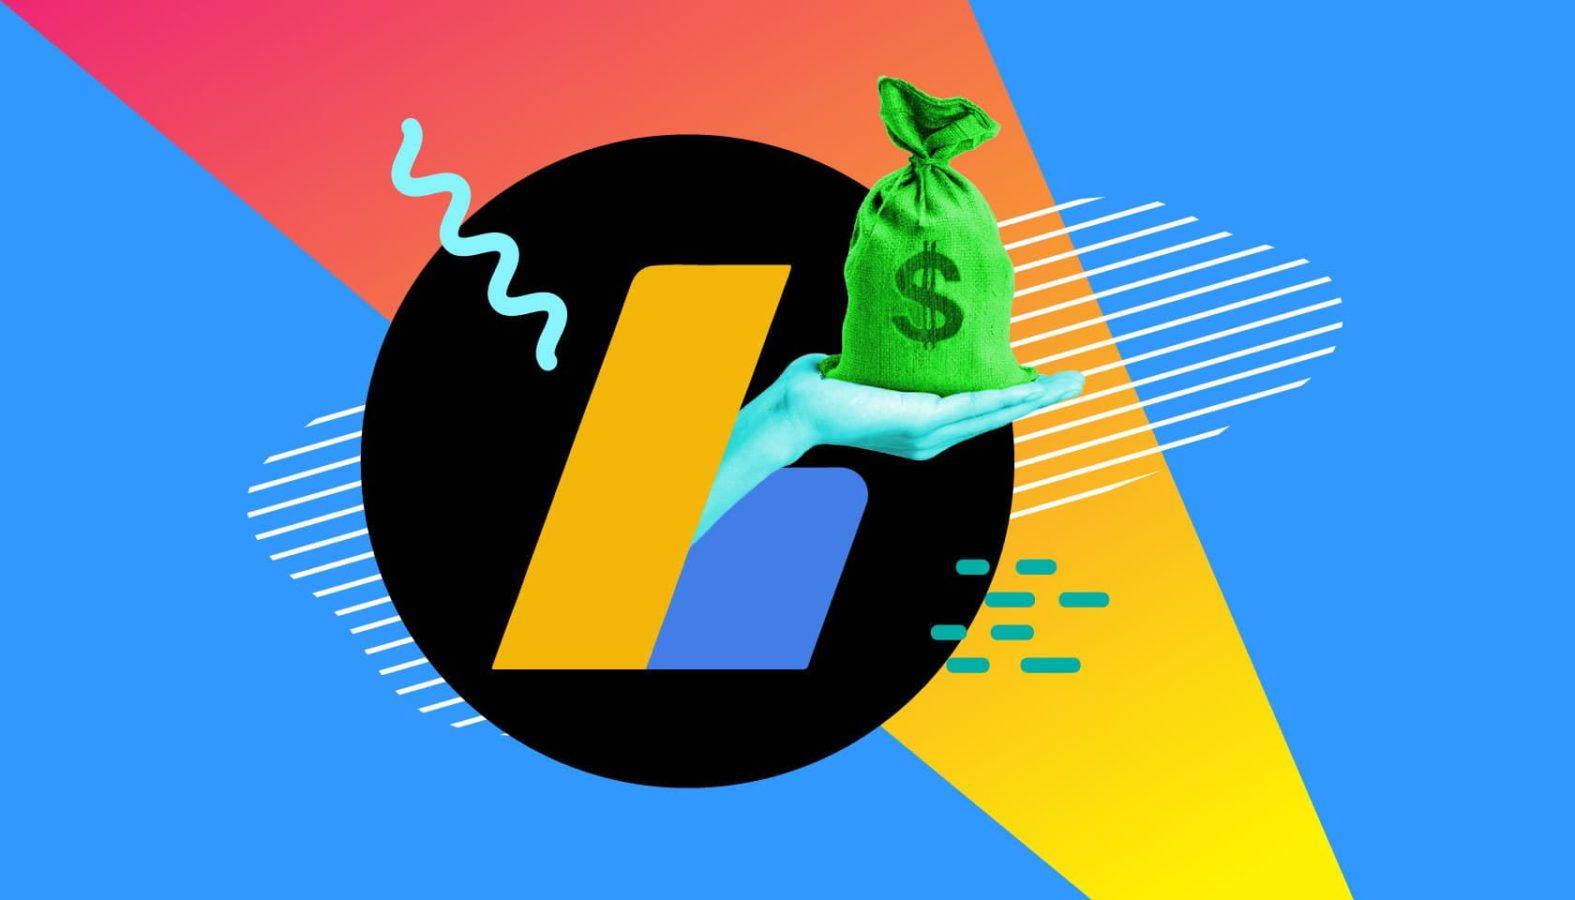 أفضل 10 منصات بديلة و منافسة لجوجل أدسنس للربح من المواقع الإلكترونية عن طريق الإعلانات